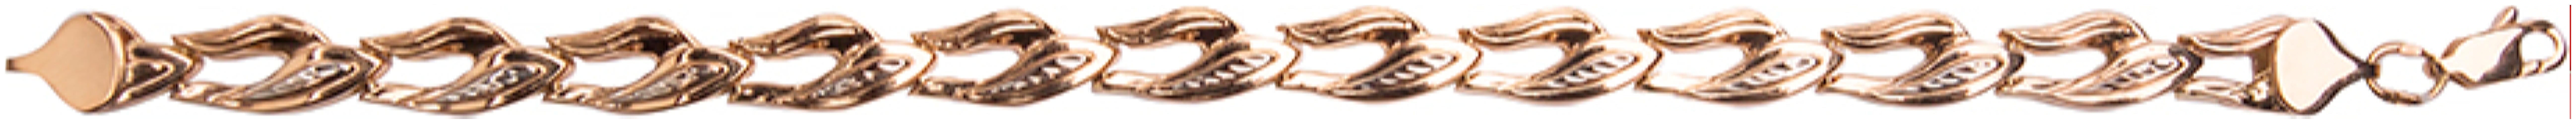 картинка браслет из золота 585° ТАБ-45-300